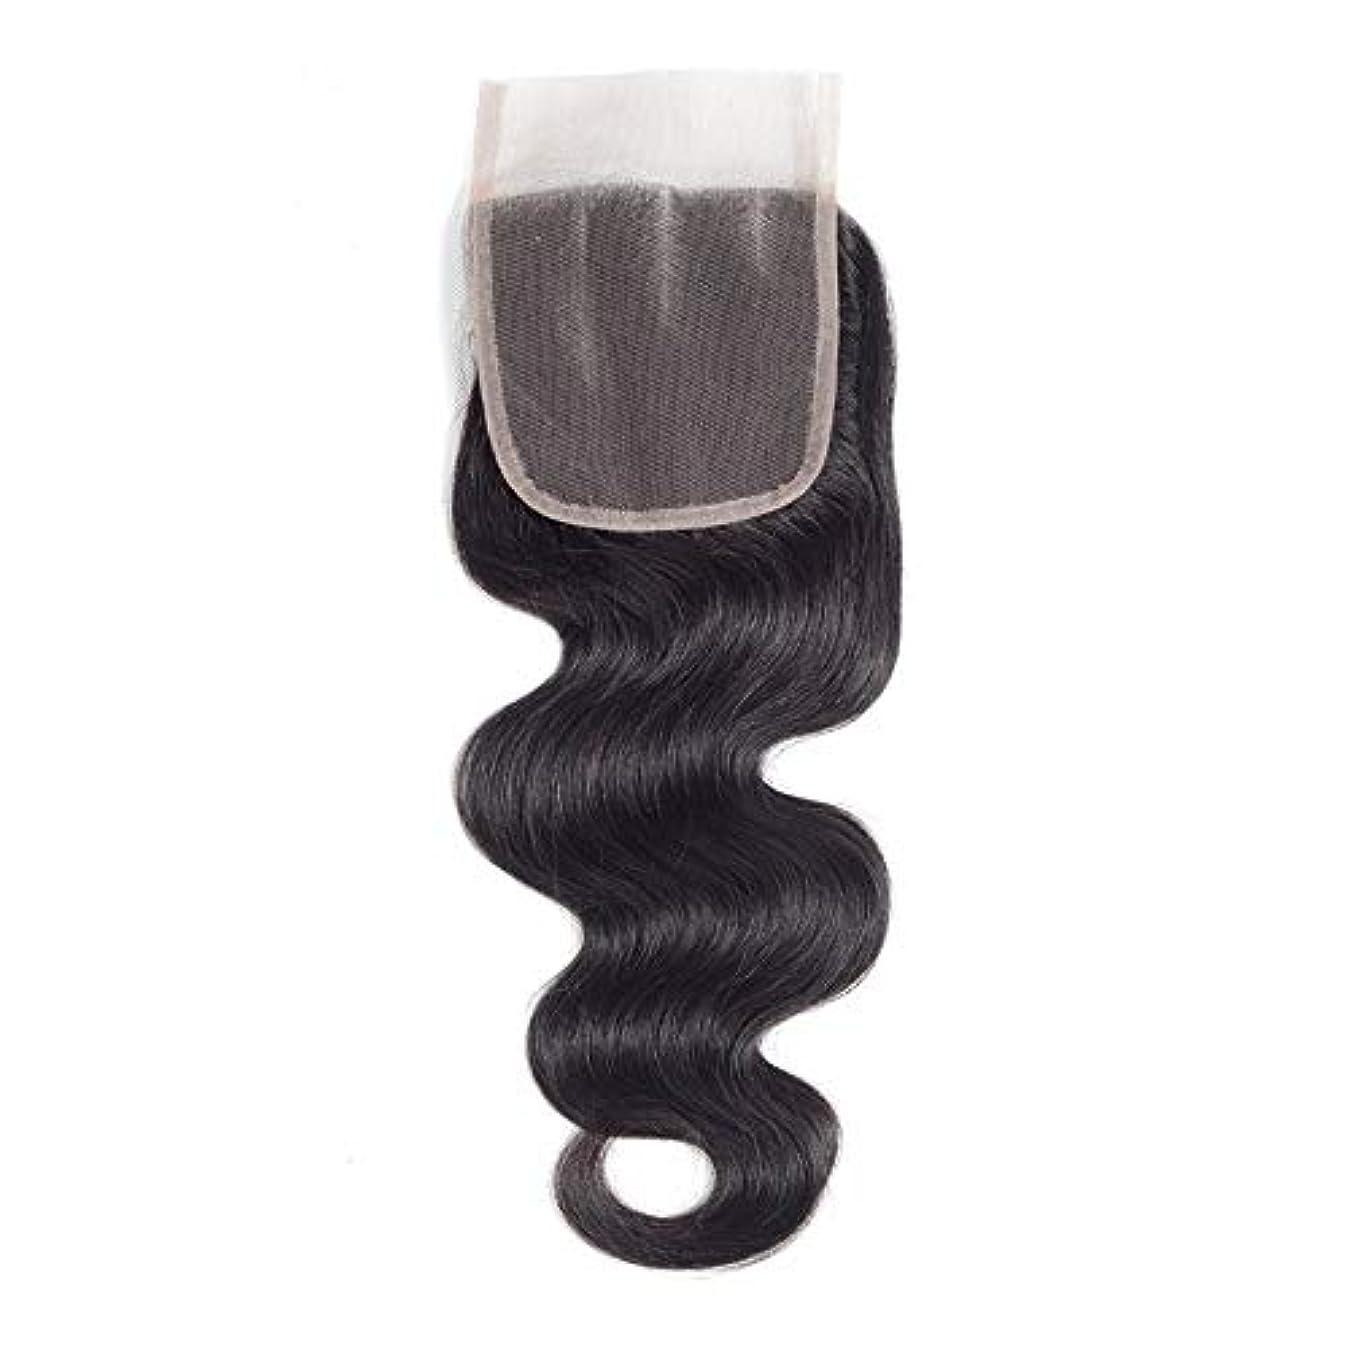 ペグオアシスまだHOHYLLYA ブラジル実体波巻き毛4 x 4インチレース閉鎖無料部分100%本物の人間の髪の毛の自然な色(8インチ-20インチ)長い巻き毛のかつら、 (色 : 黒, サイズ : 16 inch)